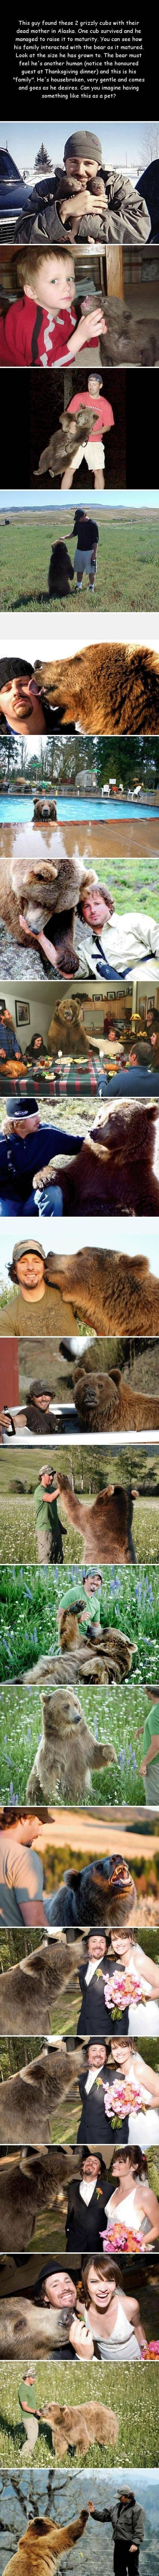 Thanks Pinterest. Now I want a bear.